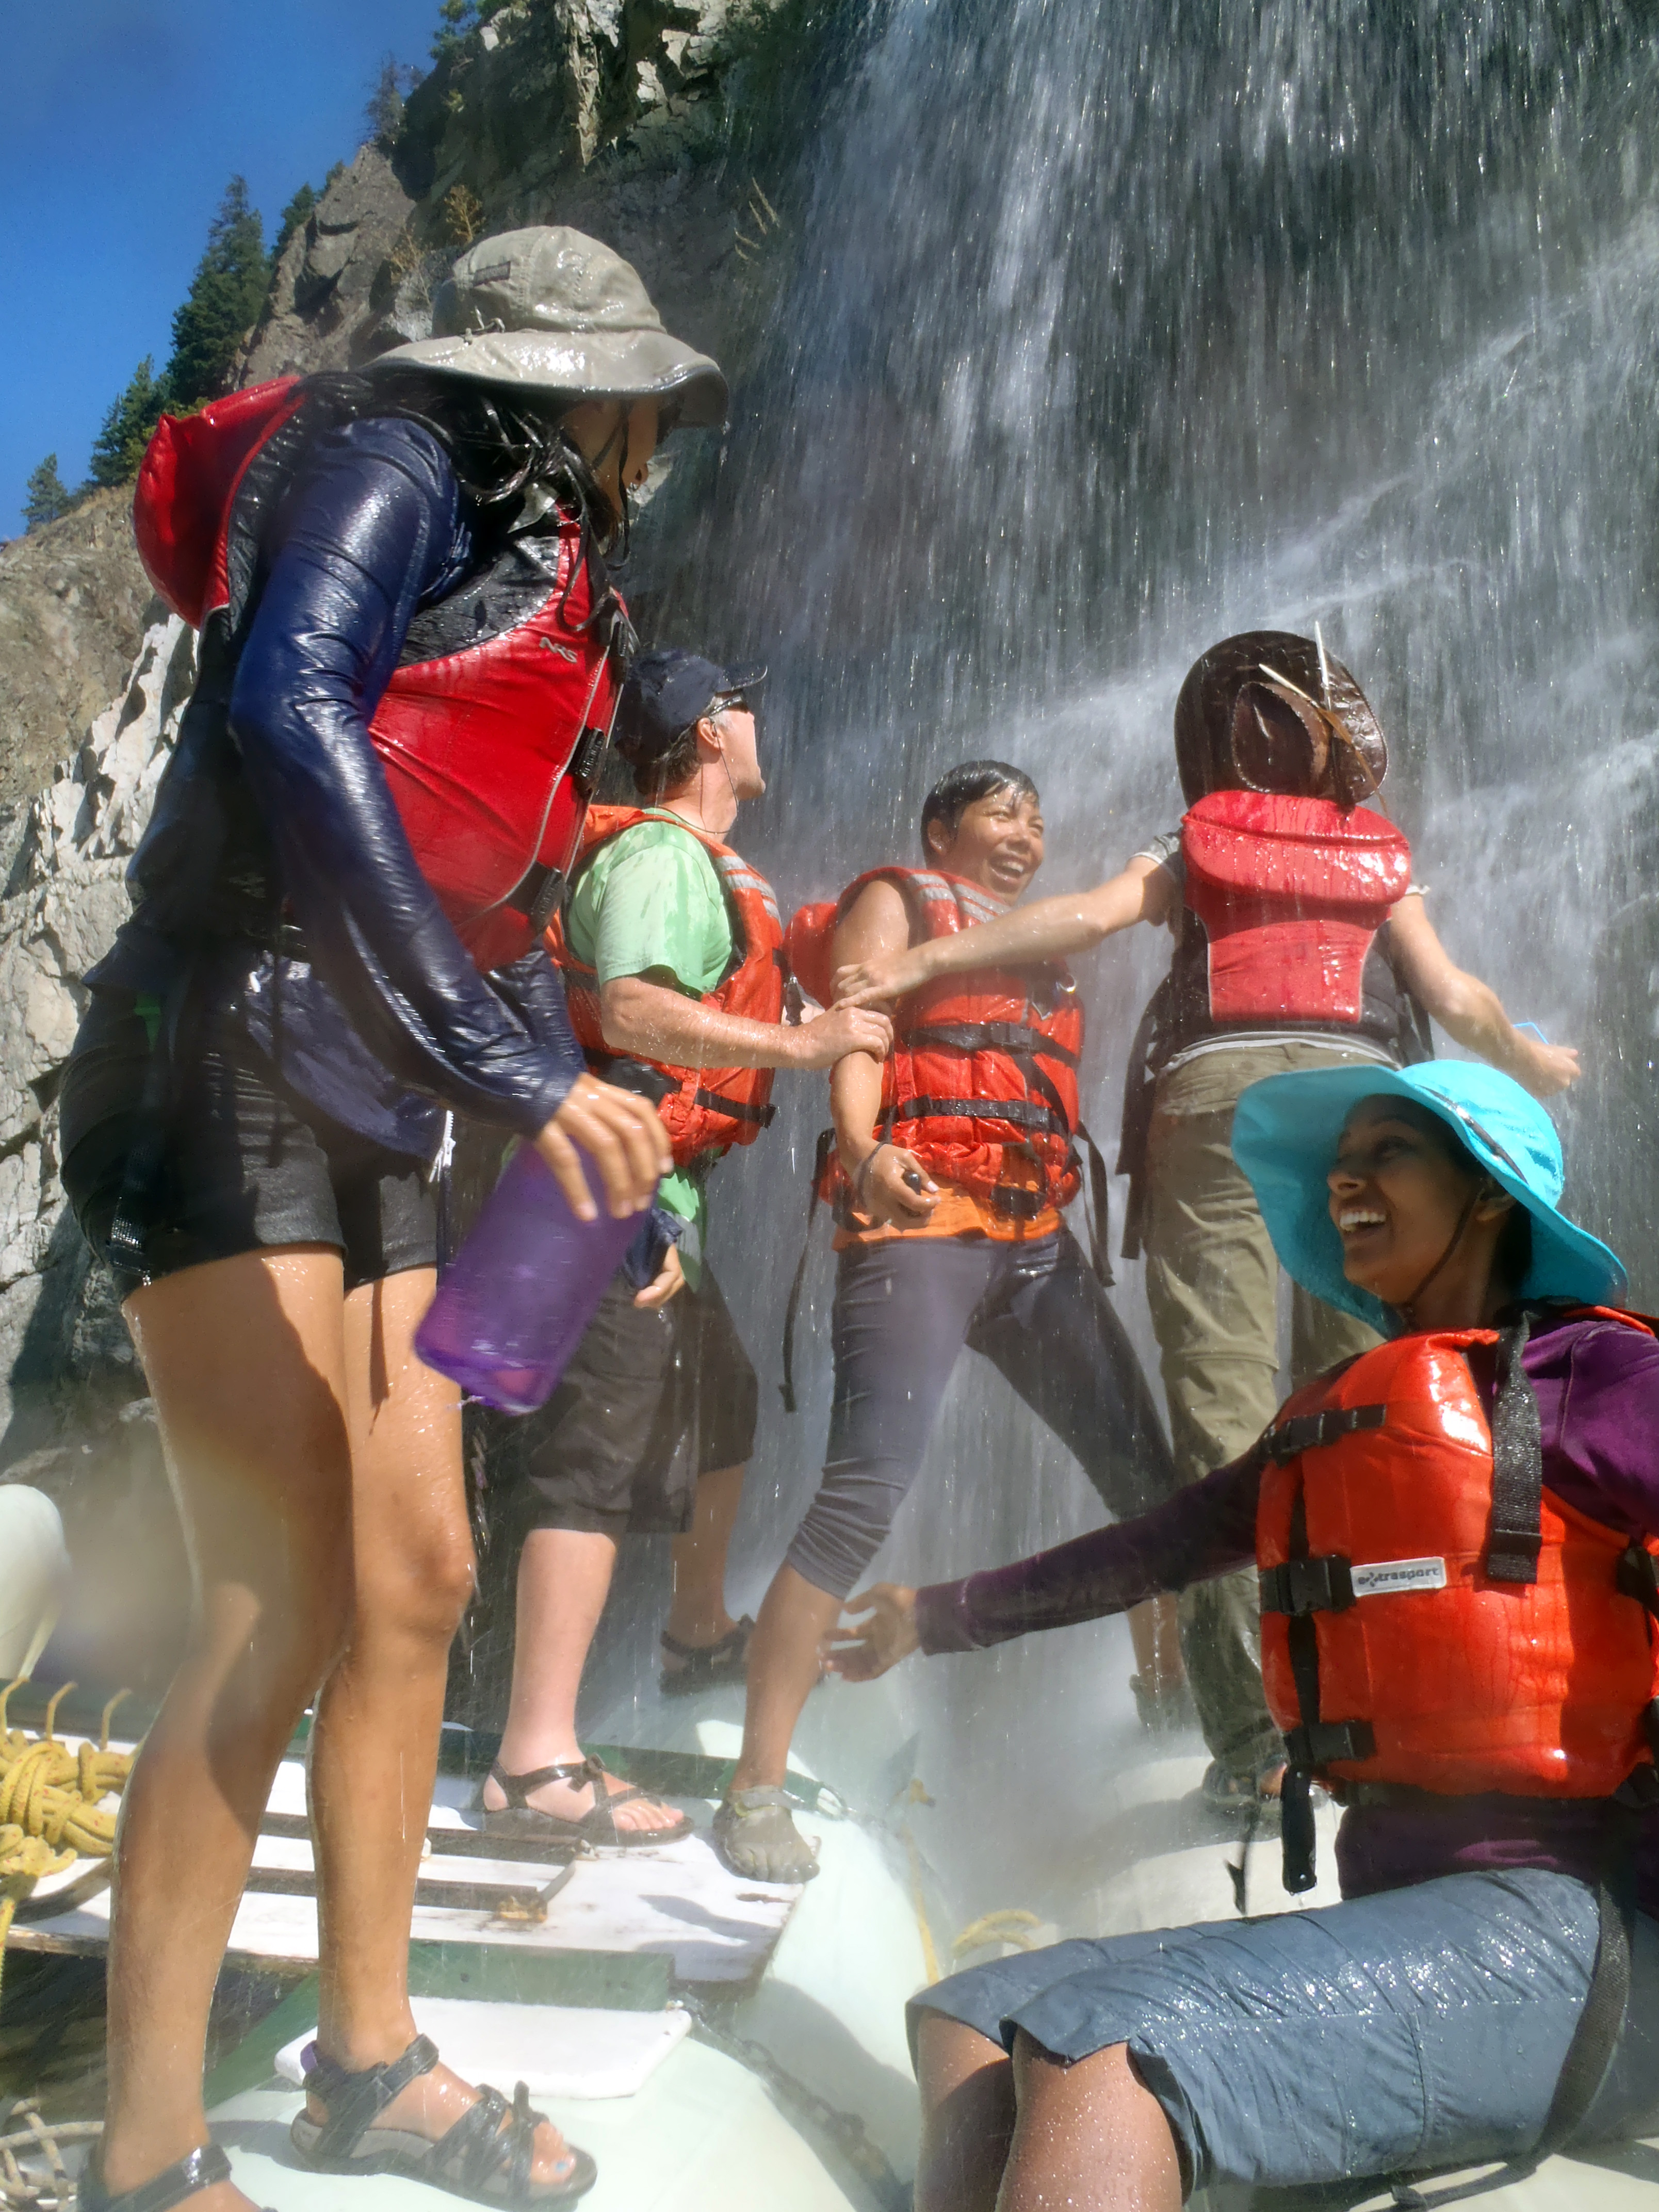 waterfall_love_(pending_approval).jpg